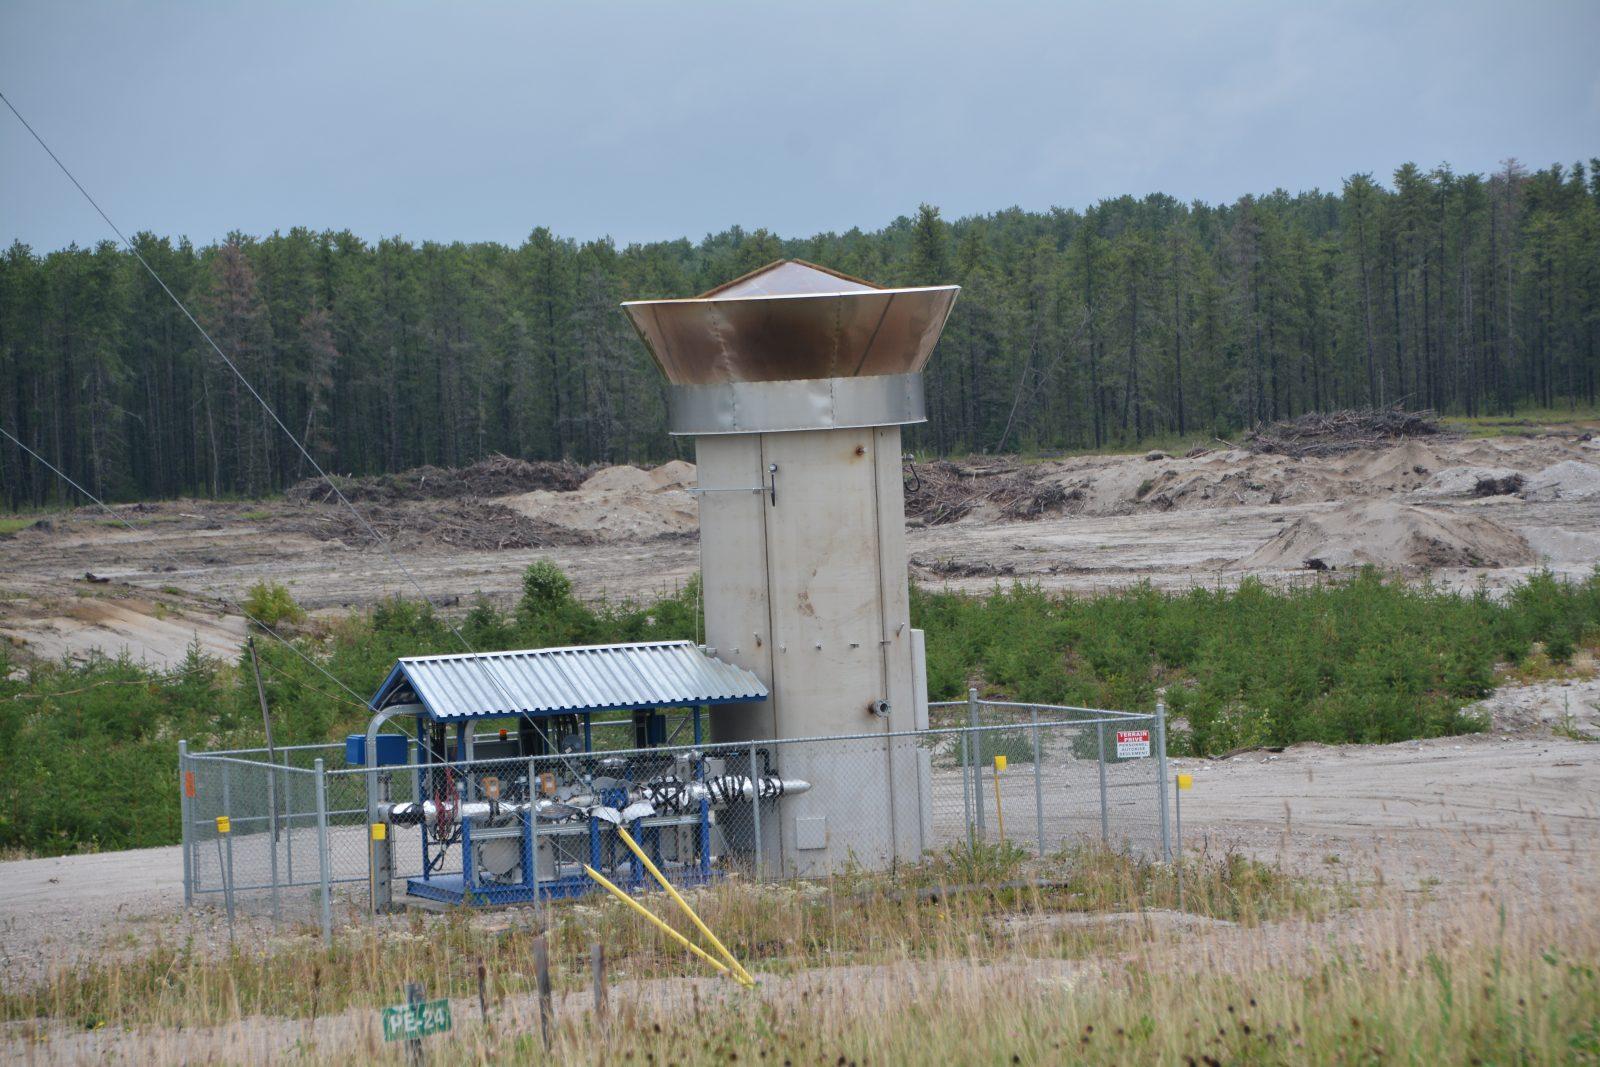 Biogaz : une perte de 150 000 en revenus;La MRC LSJE termine l'année 2018 avec un excédent de 340 000 $